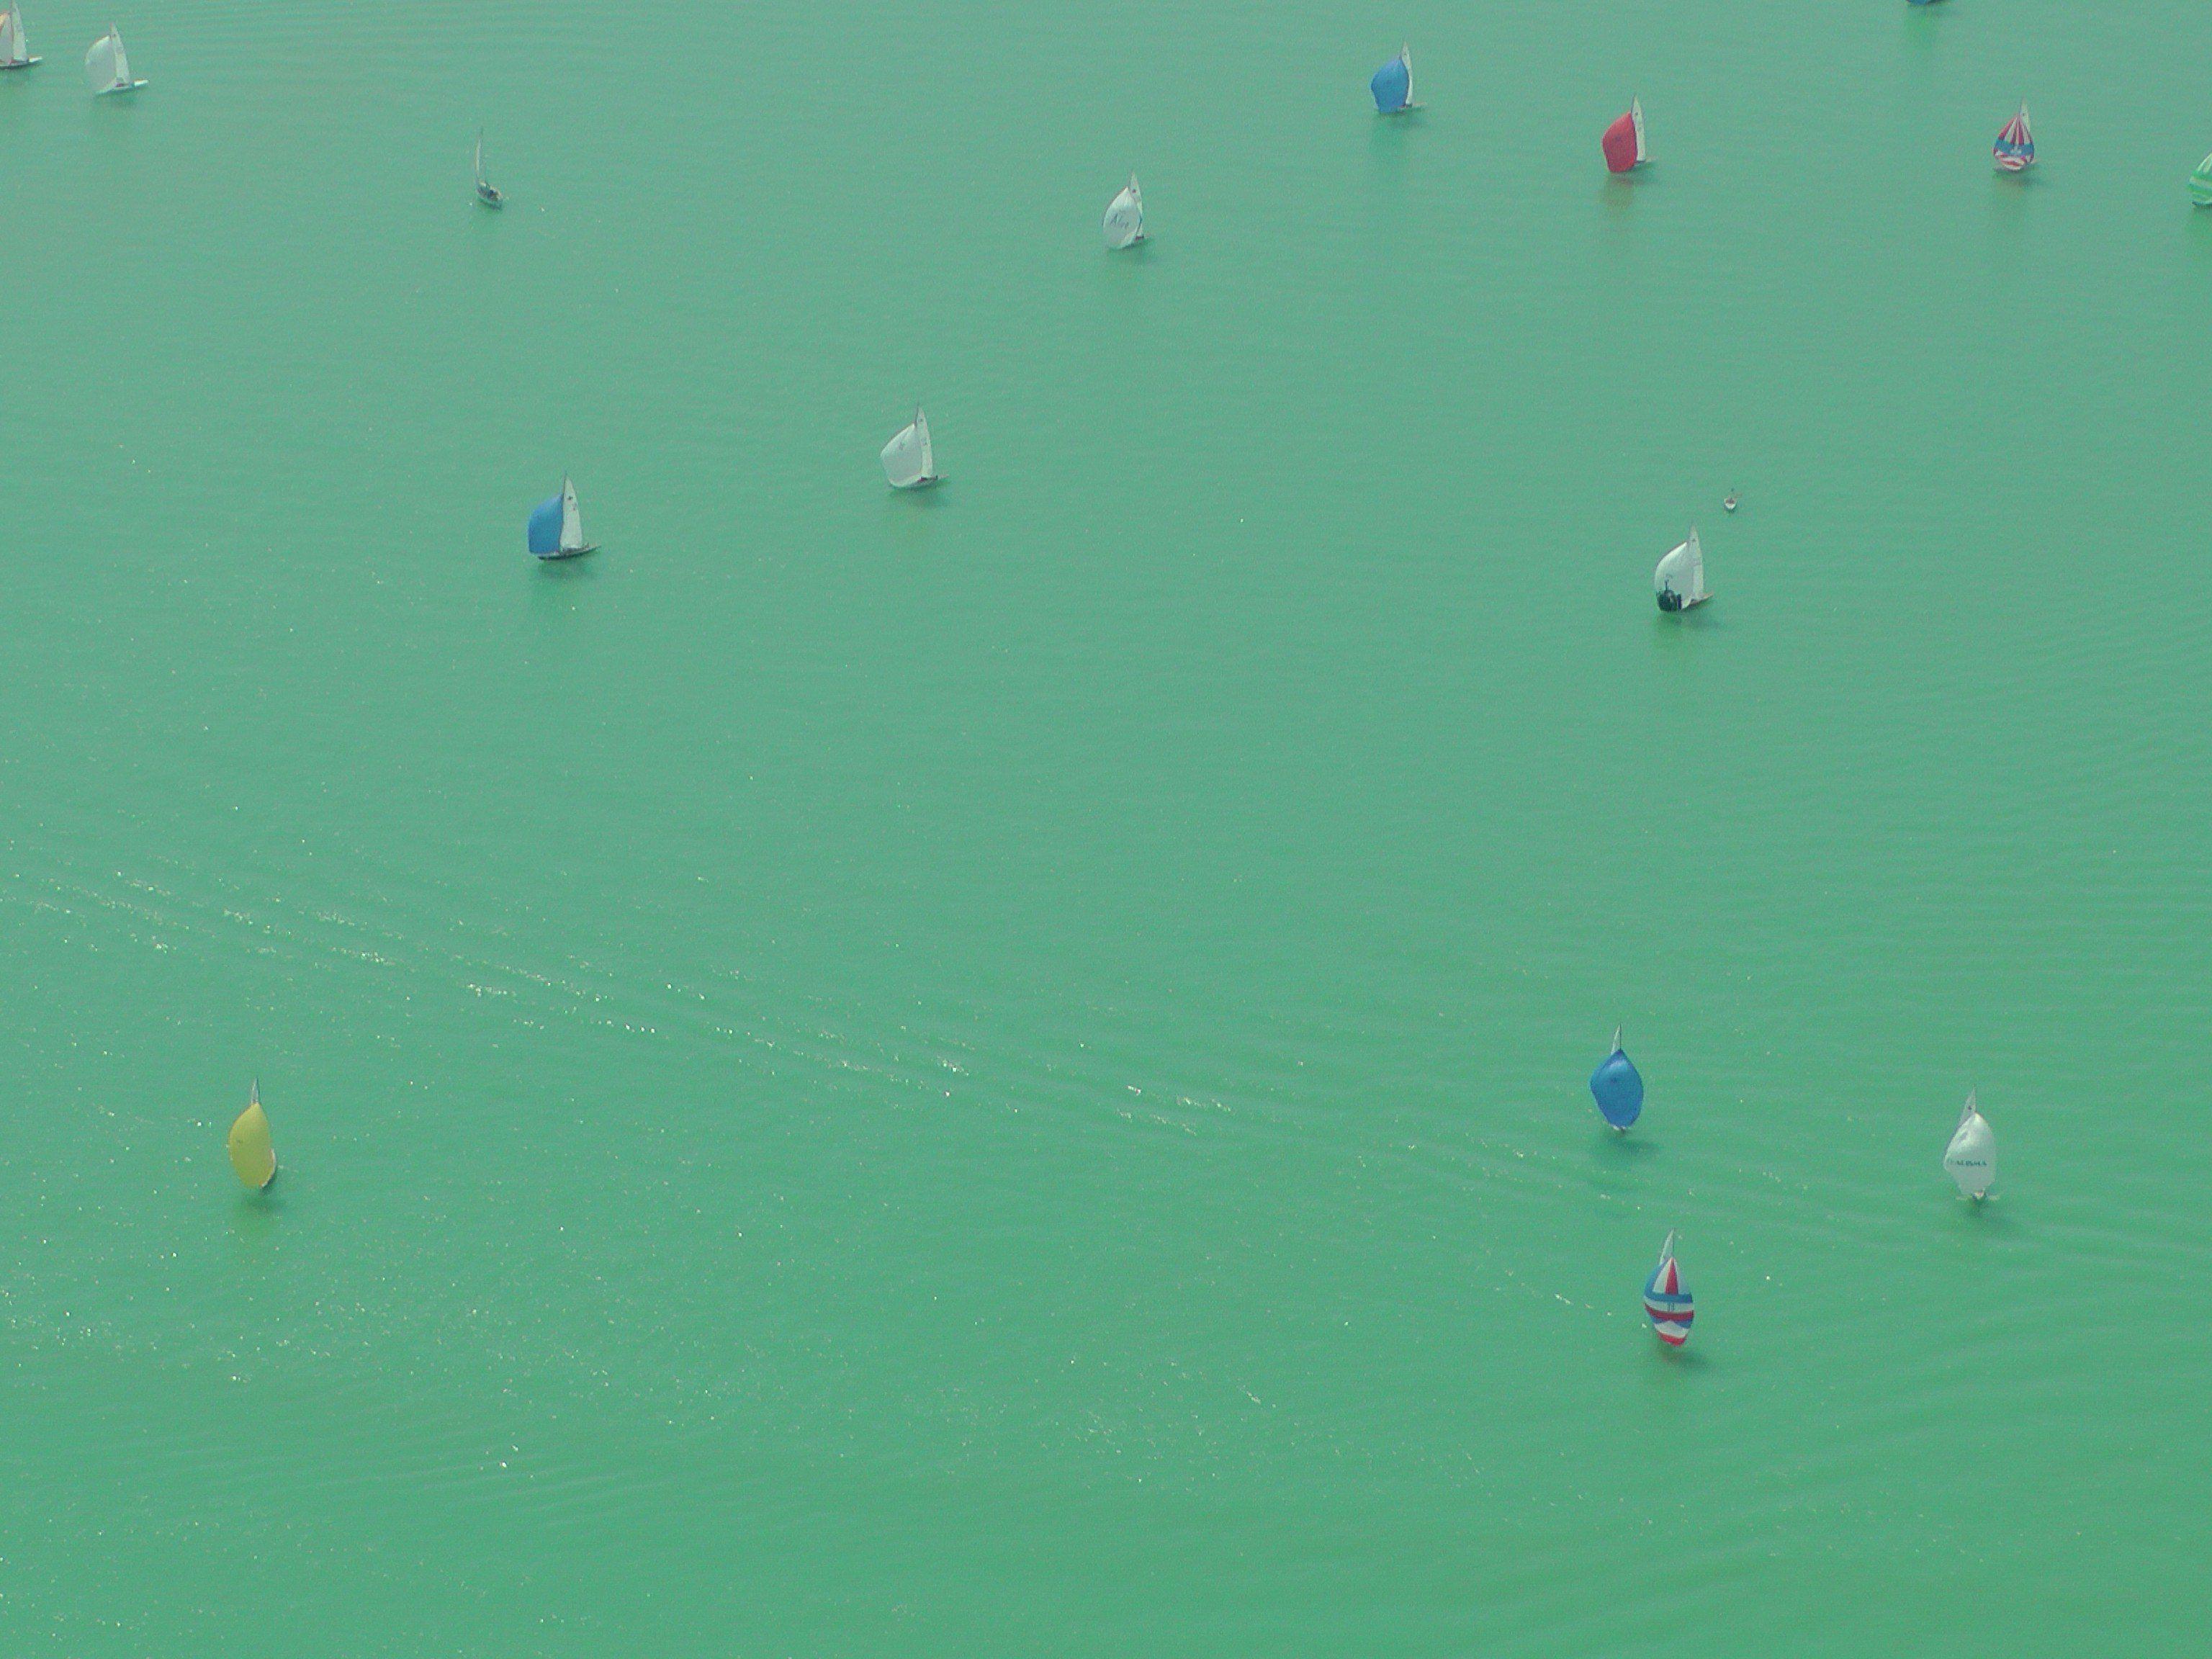 Das Wasser färbt sich grün.